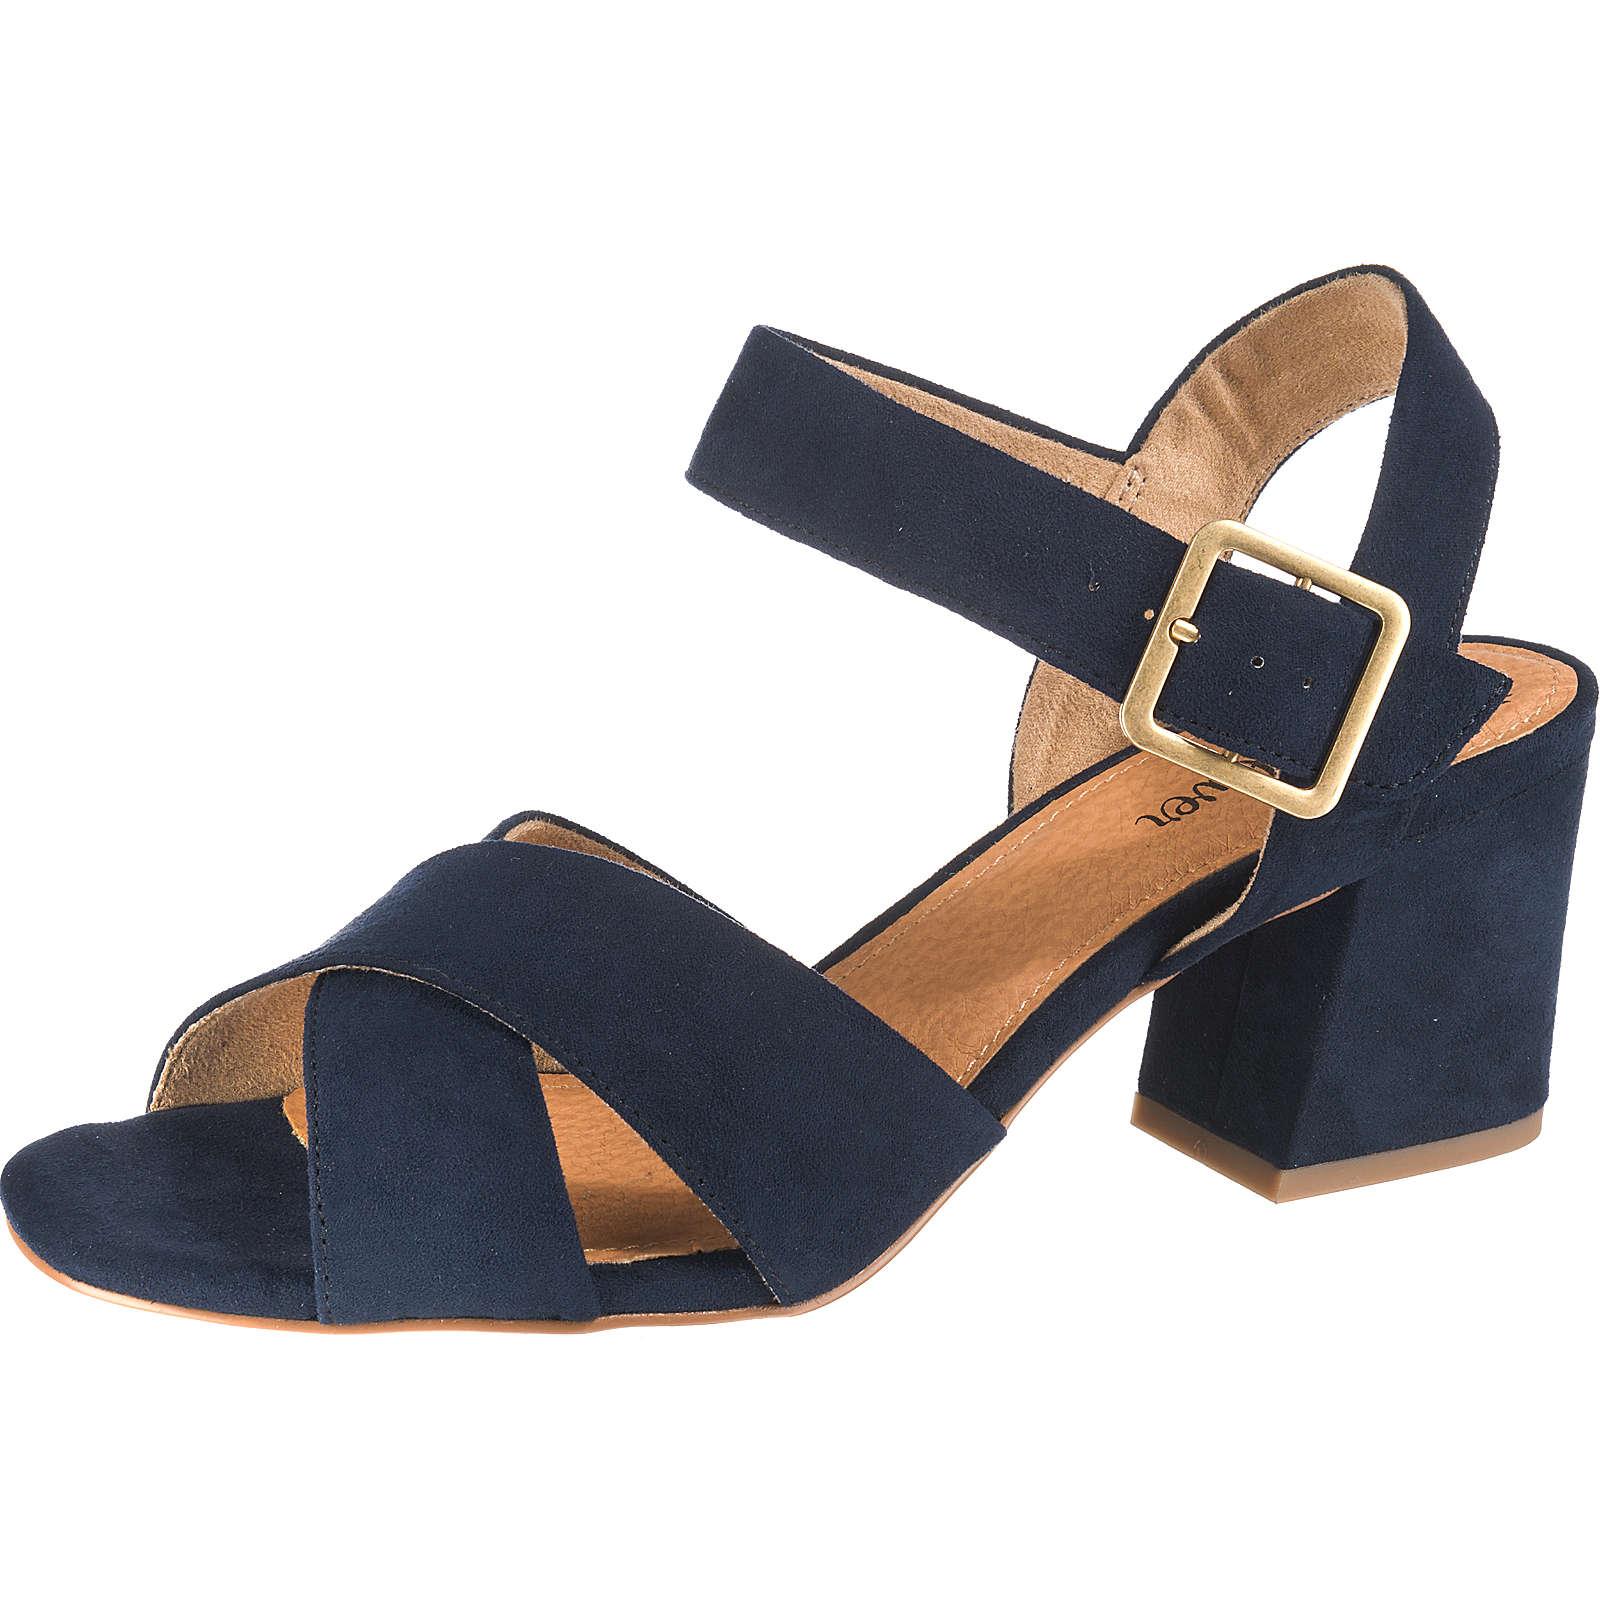 s.Oliver Klassische Sandaletten dunkelblau Damen Gr. 42